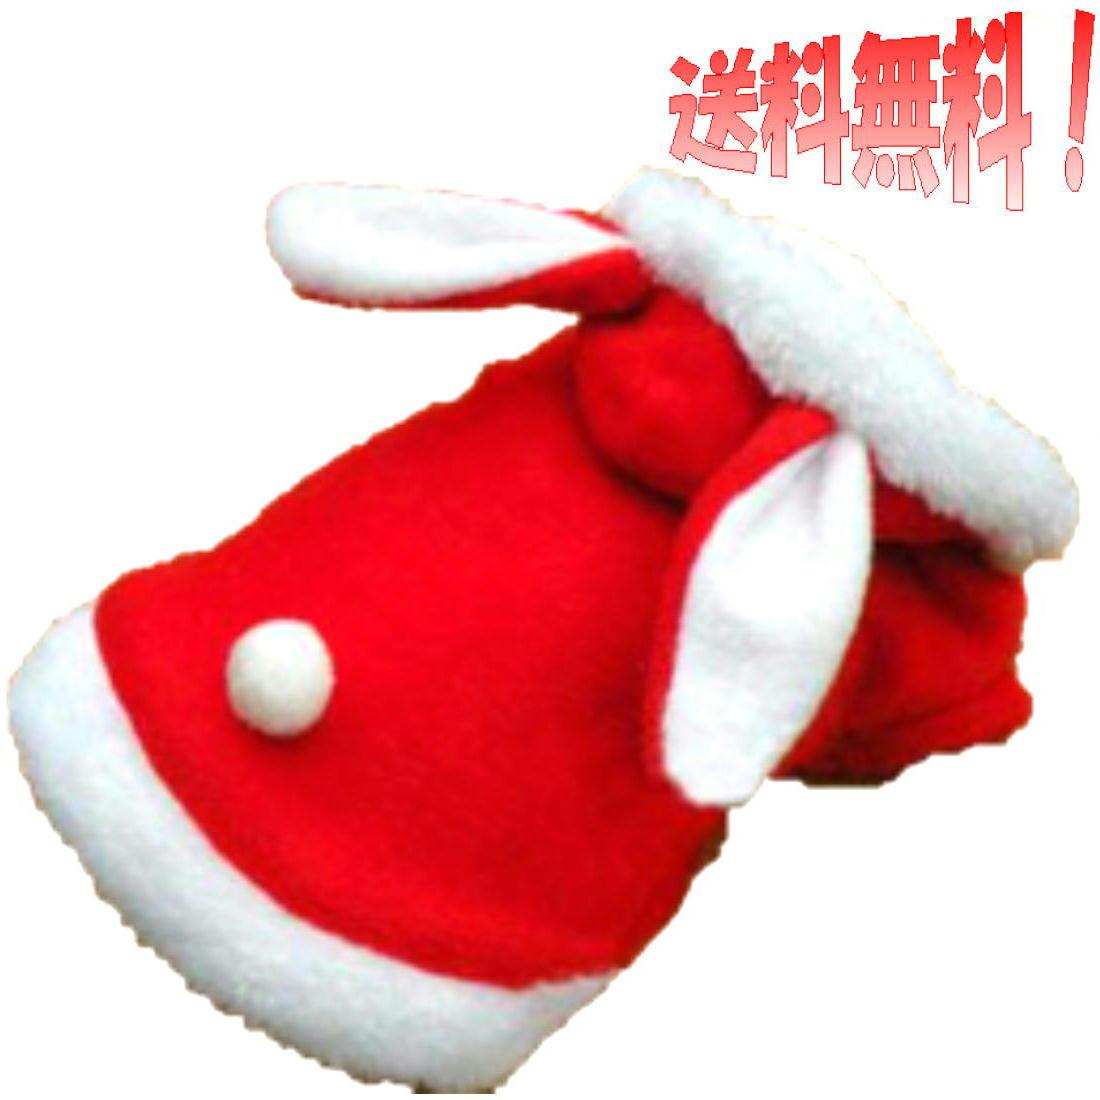 かわいい うさ耳サンタ ペット用サンタ服 ねこクリスマス服 ねこうさぎ服 ねこサンタさん 3つボタン うさぎ服フード付き ねこ用クリスマスコスチューム うさぎ衣装 ねこサンタクロース うさぎの耳付き うさぎ着ぐるみ ドッグウエア ねこうさぎコスチューム ペットウェア